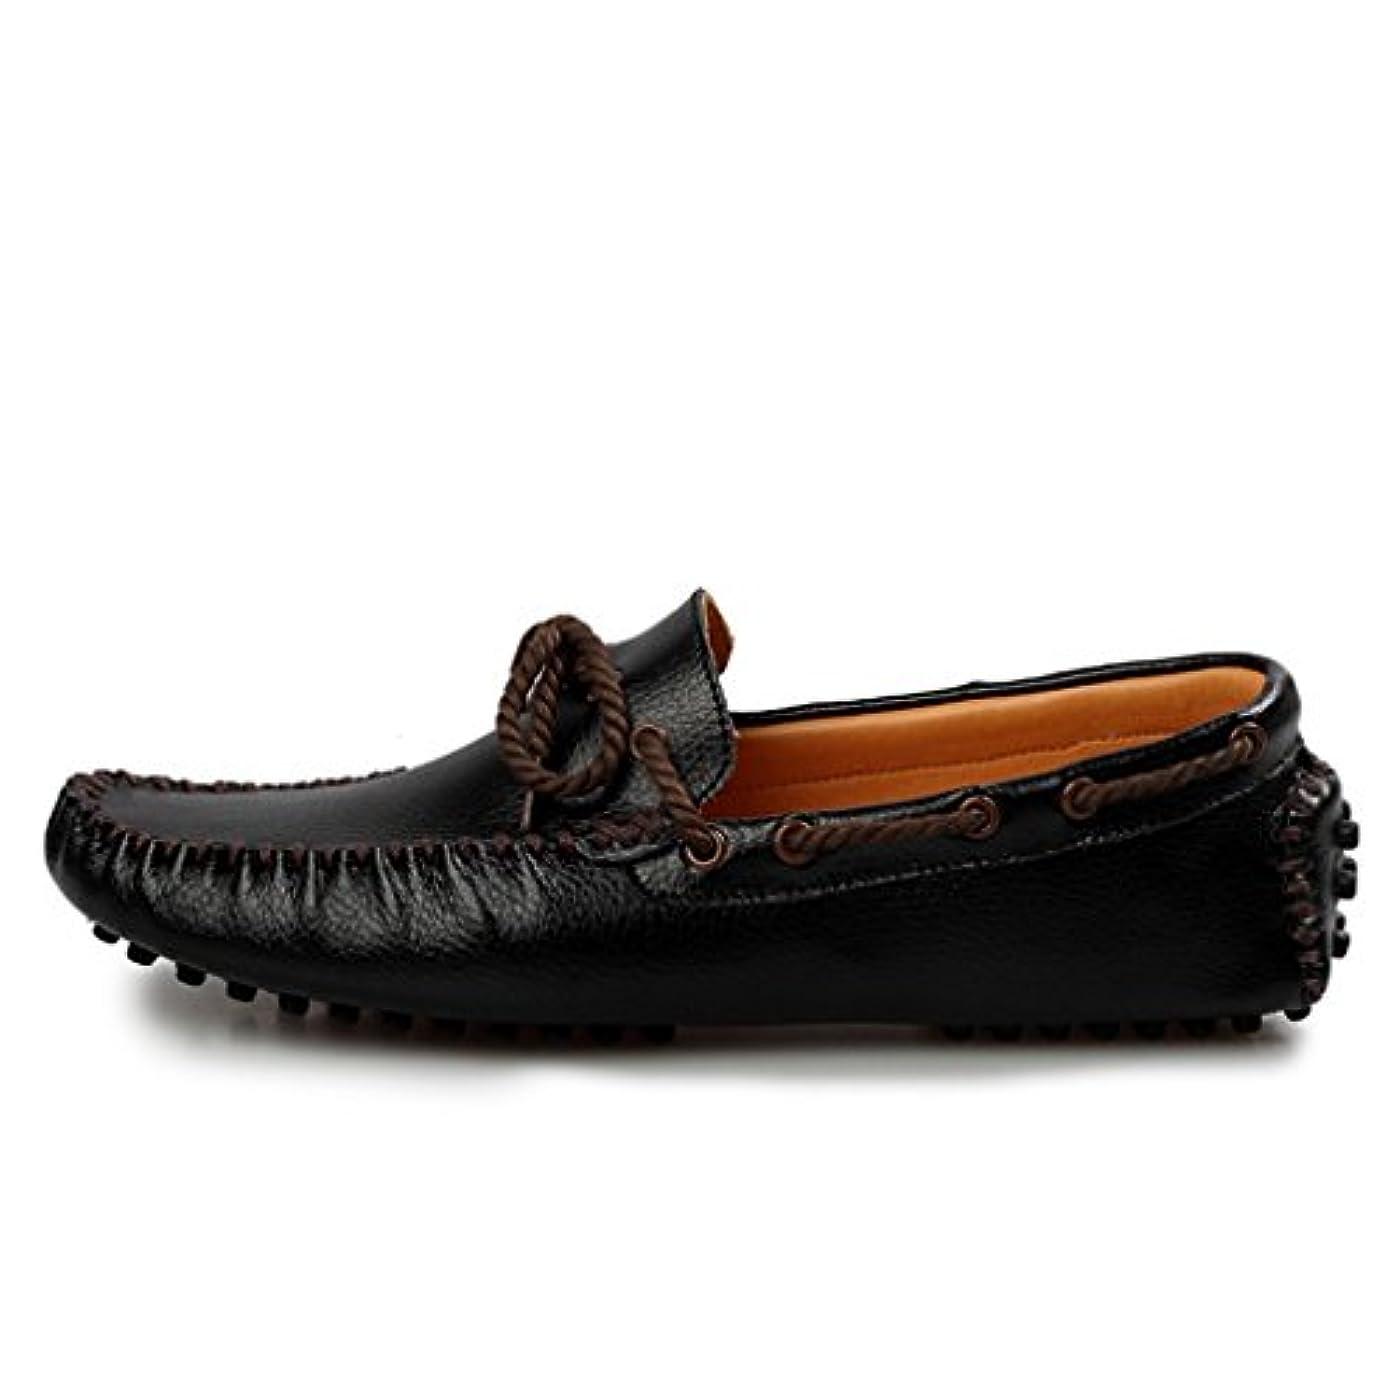 悲観主義者持参カビドライビングシューズ スリッポン メンズ 通勤  紳士靴 通気  軽い 滑りにくい おしゃれ デッキシューズ カジュアル イエロー?ブラック?ホワイト